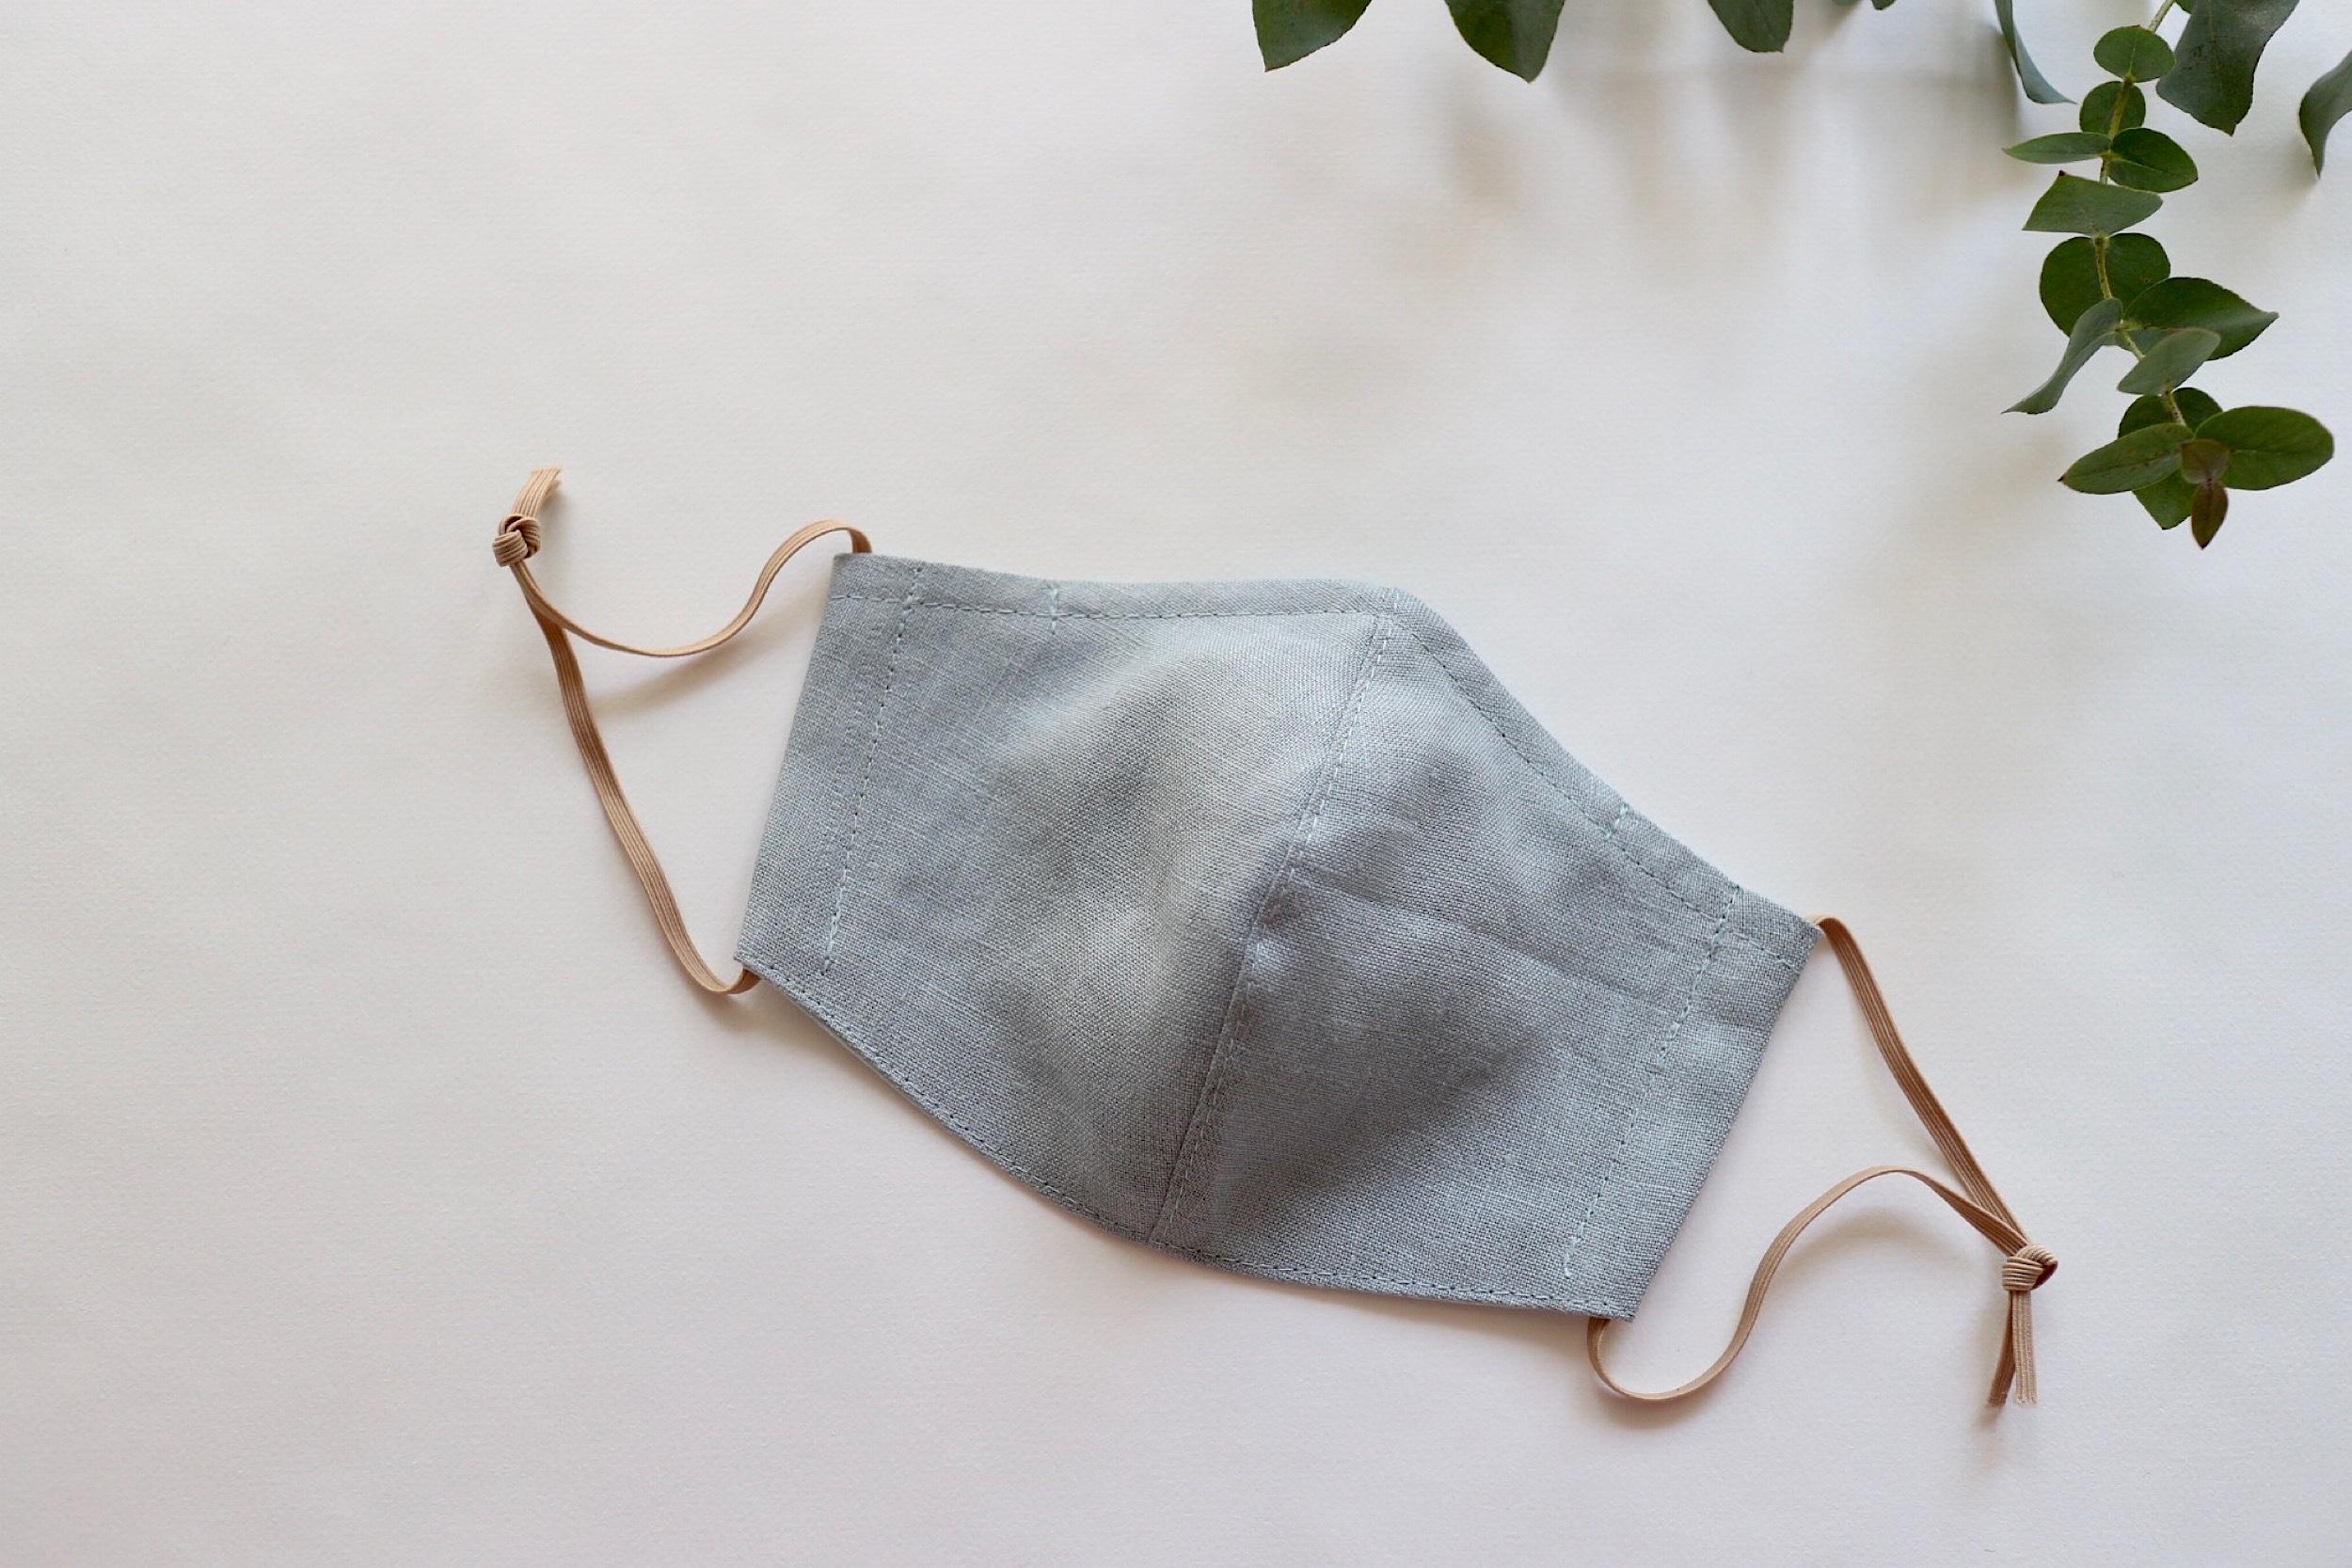 【夏マスクに!】リネンのカラーマスク(リバーシブル) くすみサックス × ミントブルー 1枚【Mサイズ 女性用】